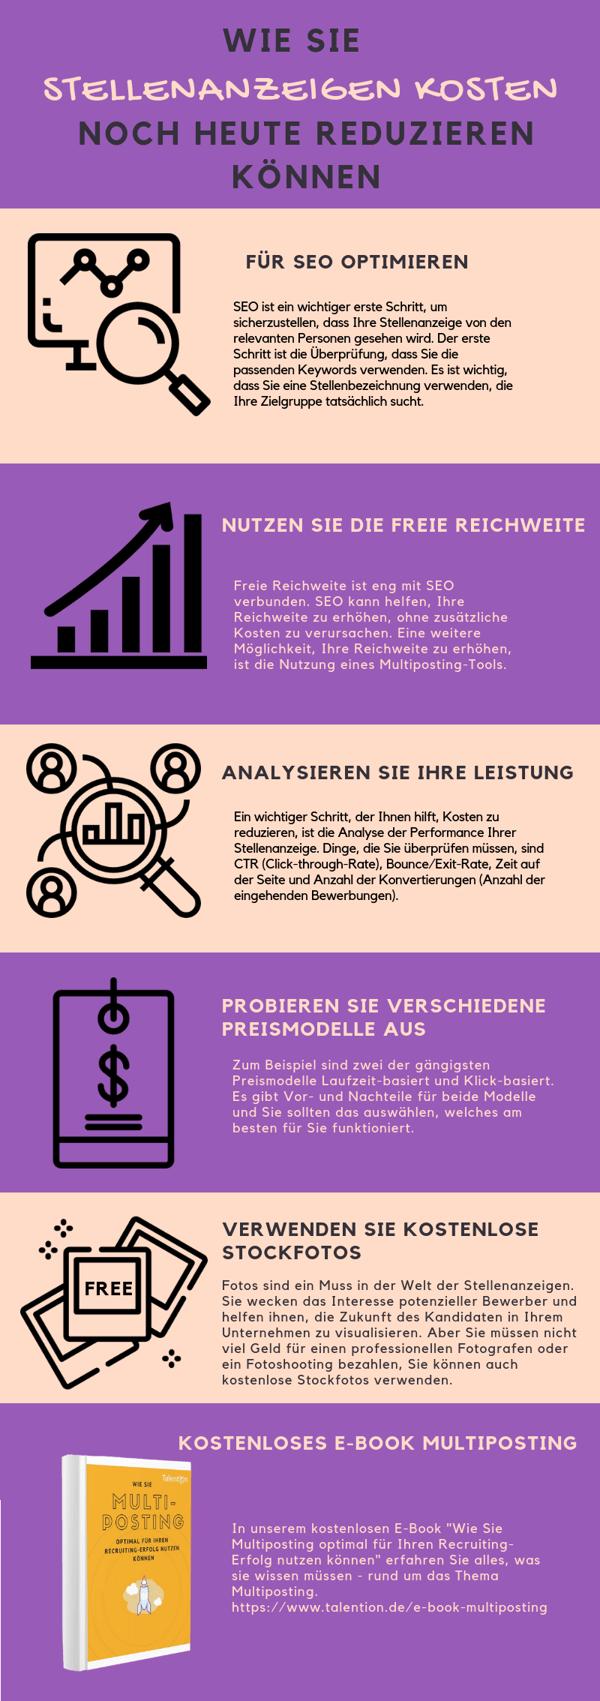 Infografik: Wie Sie Stellenanzeigen Kosten noch heute reduzieren können